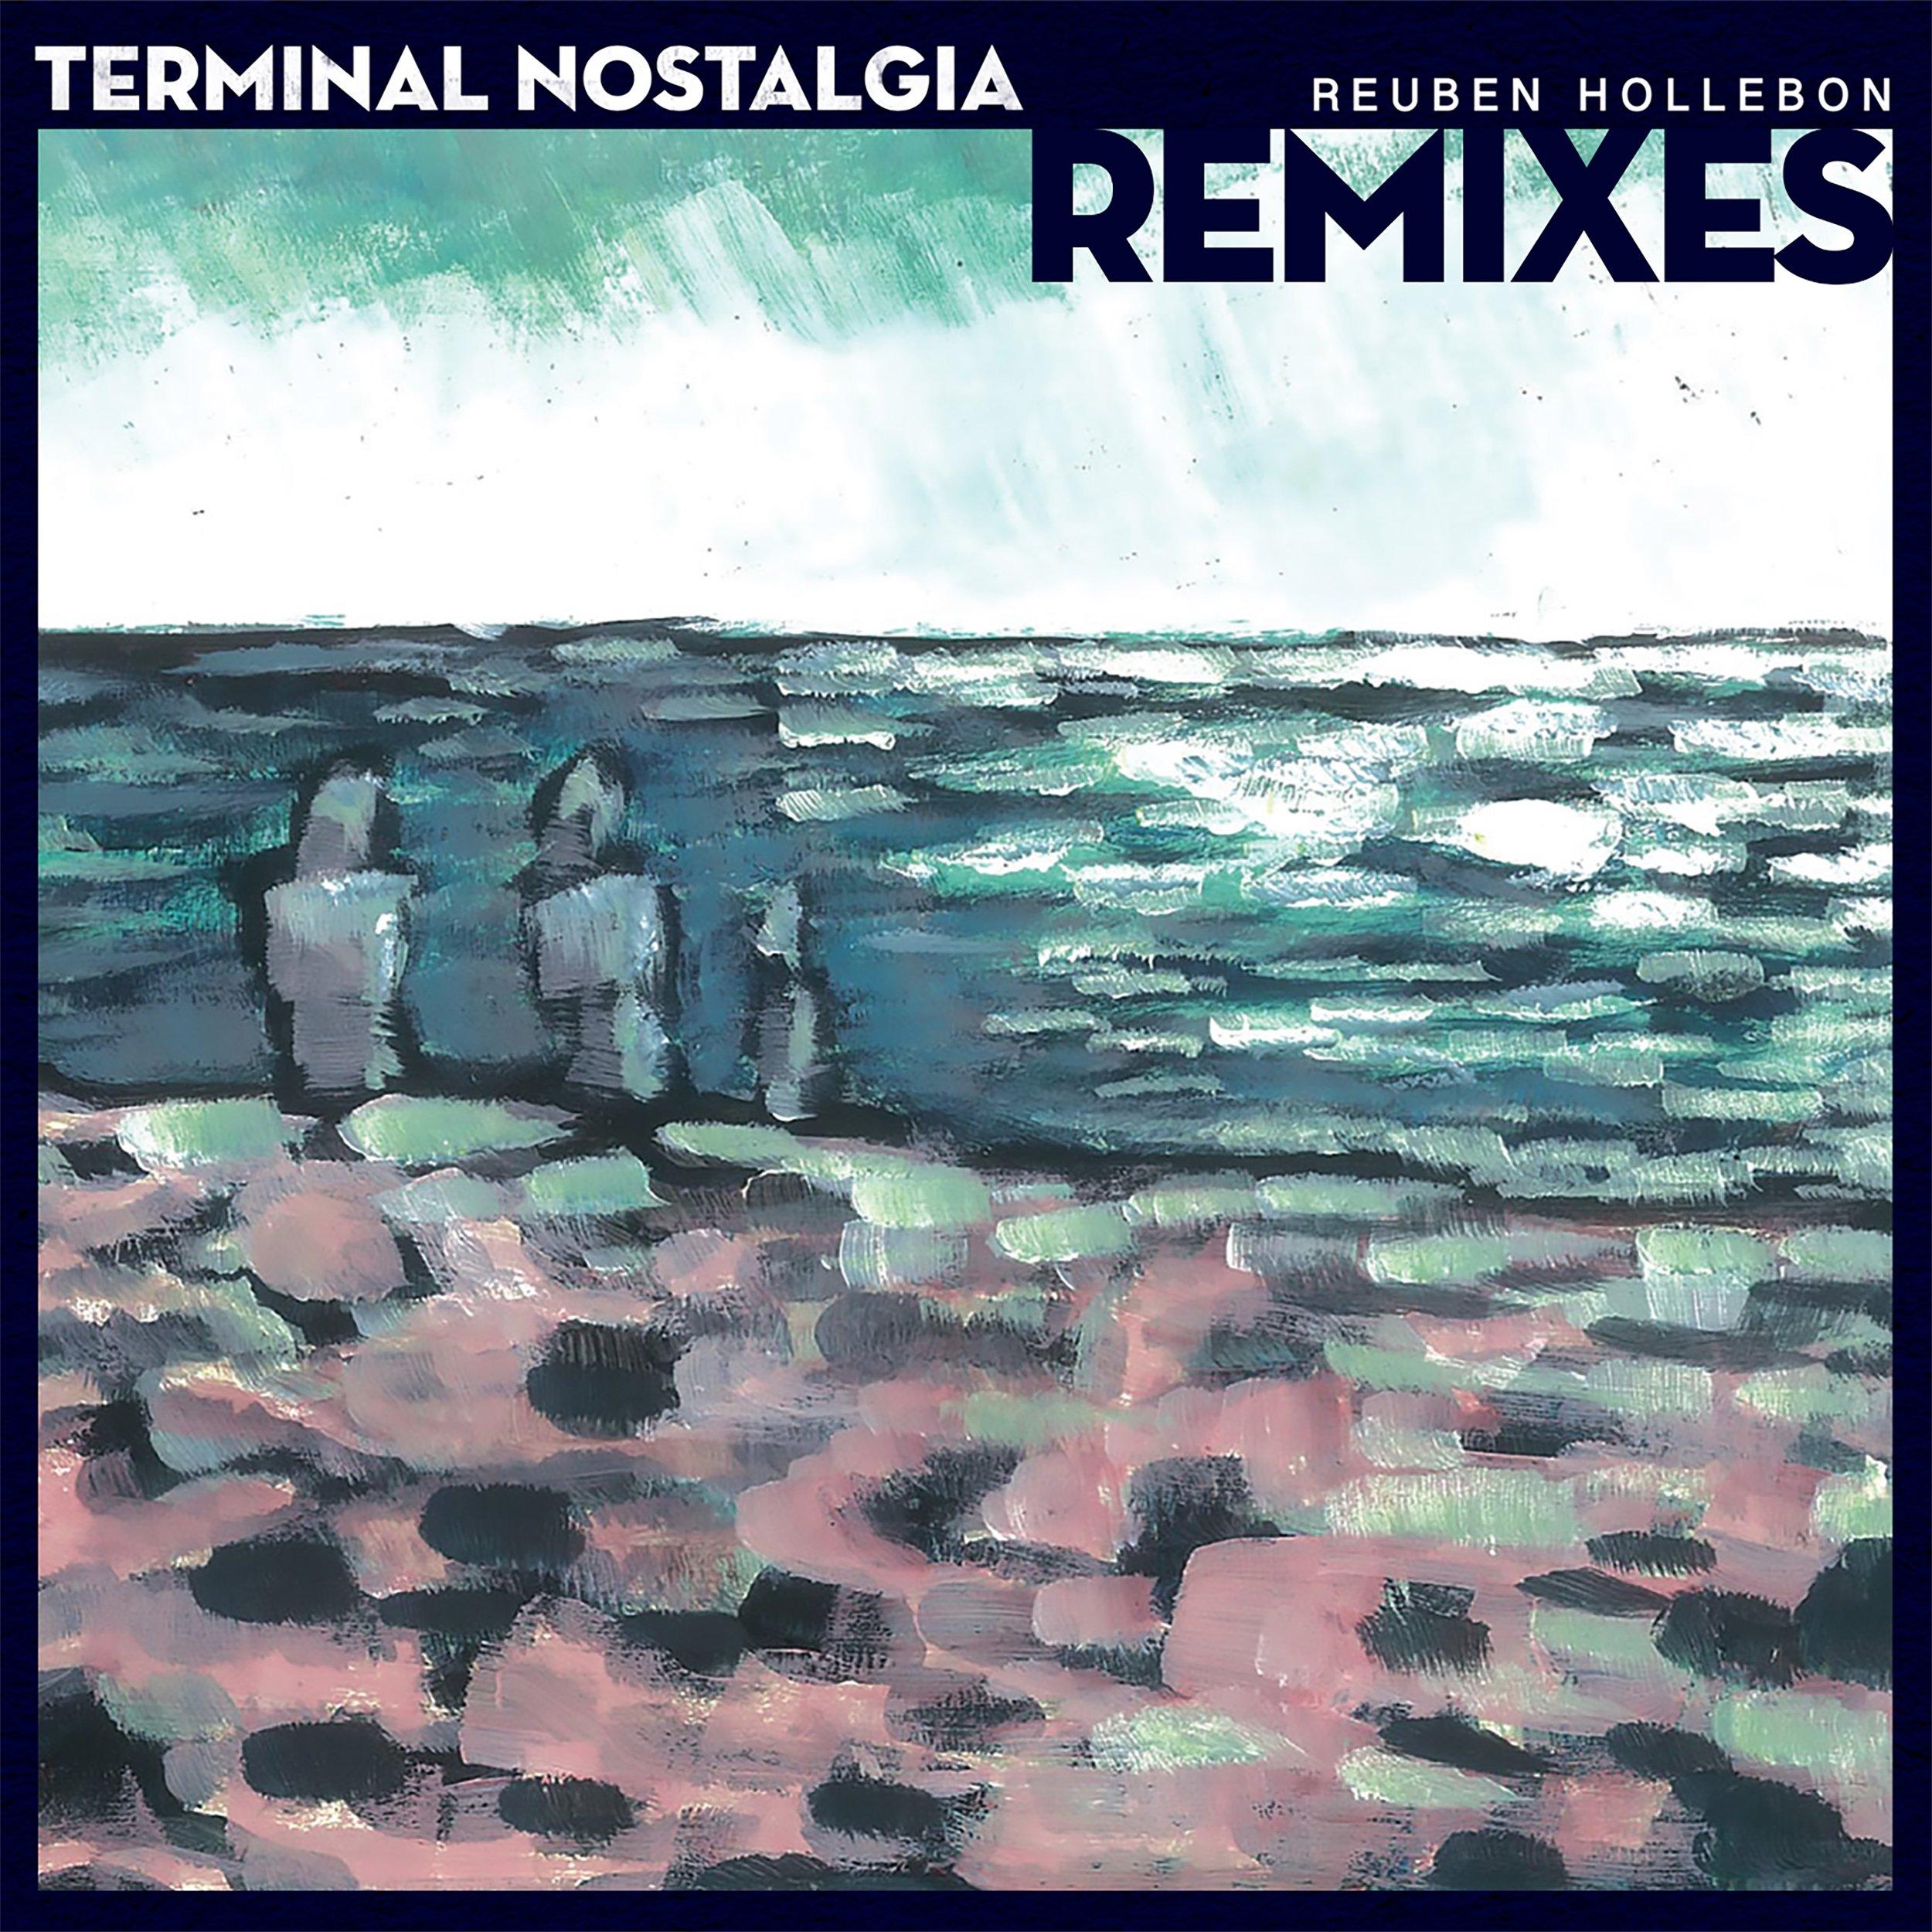 Terminal Nostalgia Remixes 300dpi.jpg